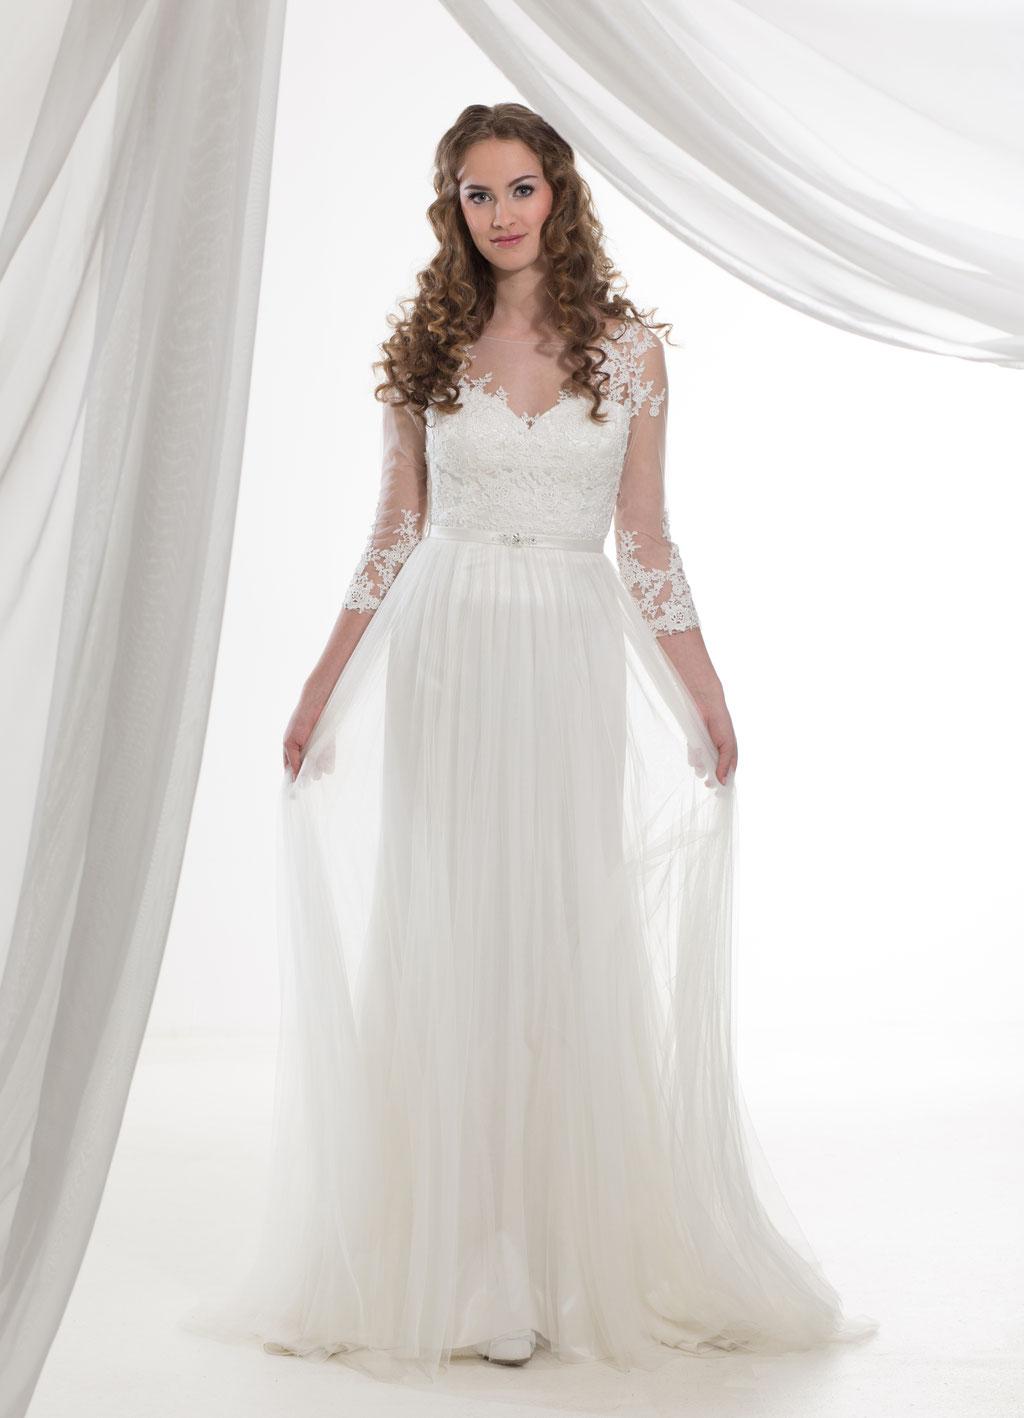 Mariage Rochelle - Brautkleider München,die Adresse für Brautmoden ...